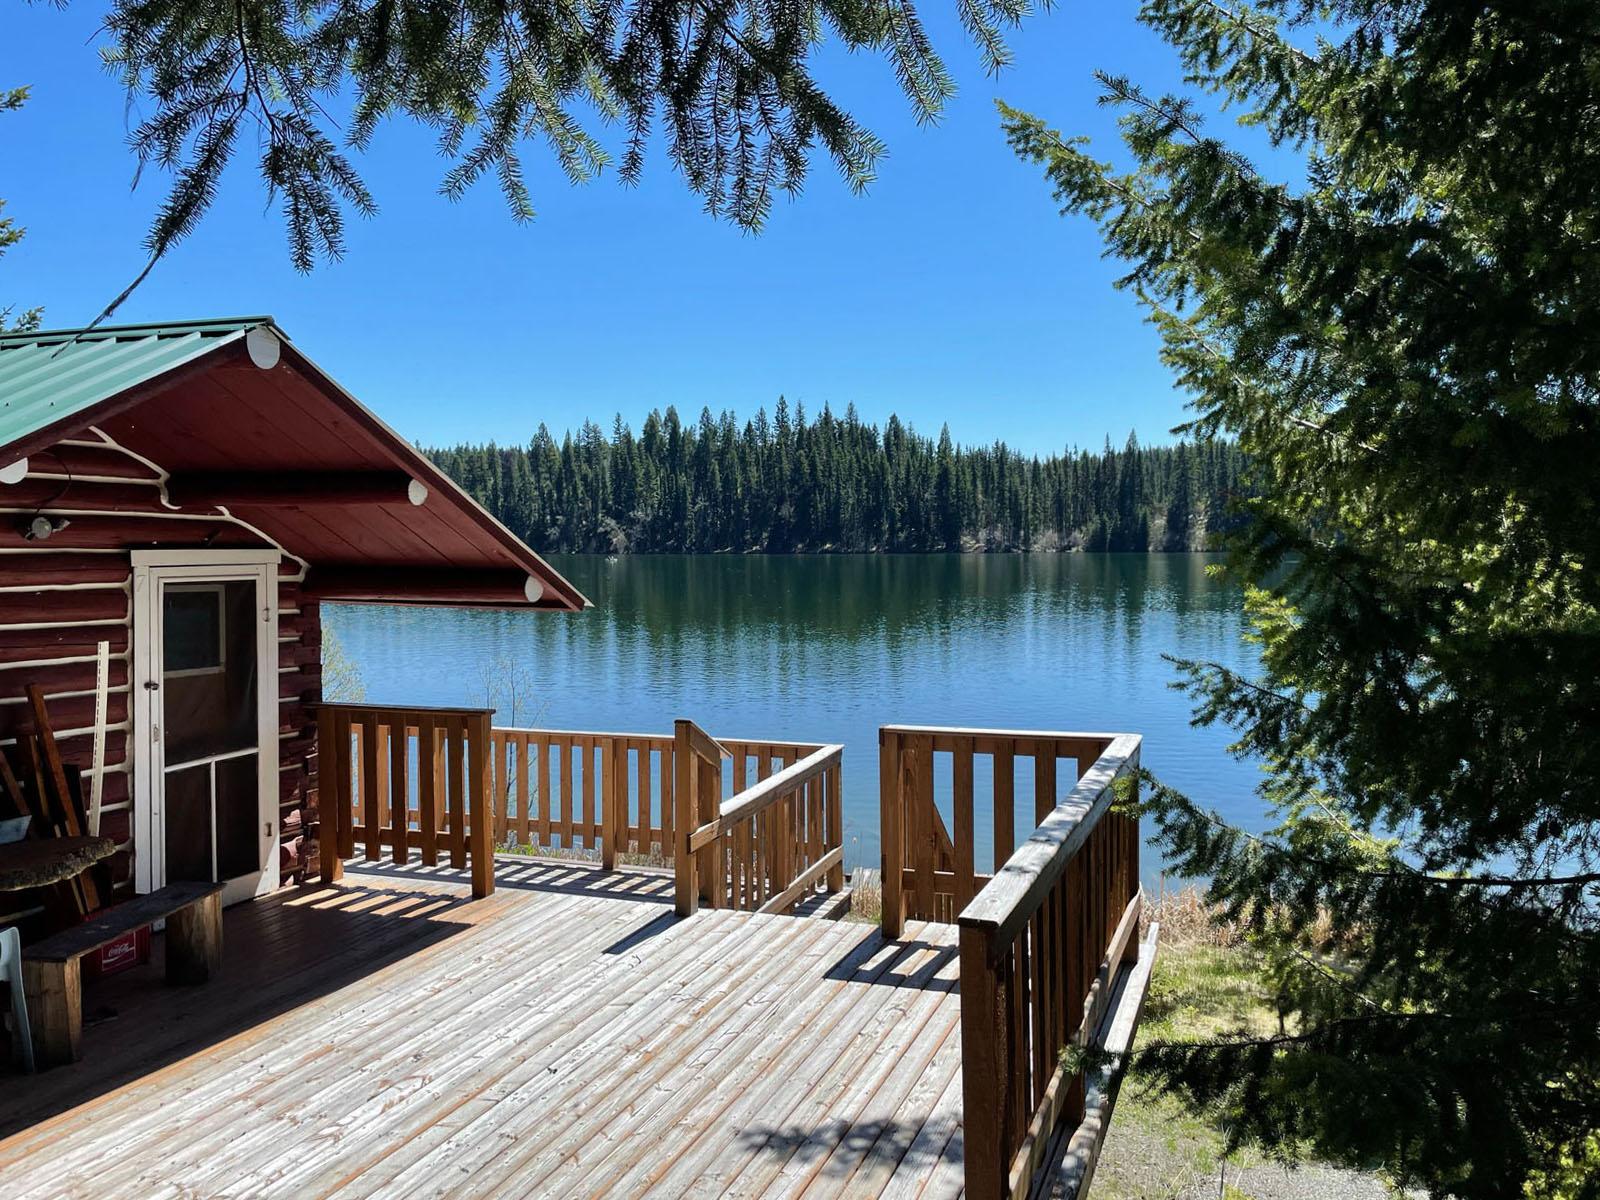 Fawn lake 13